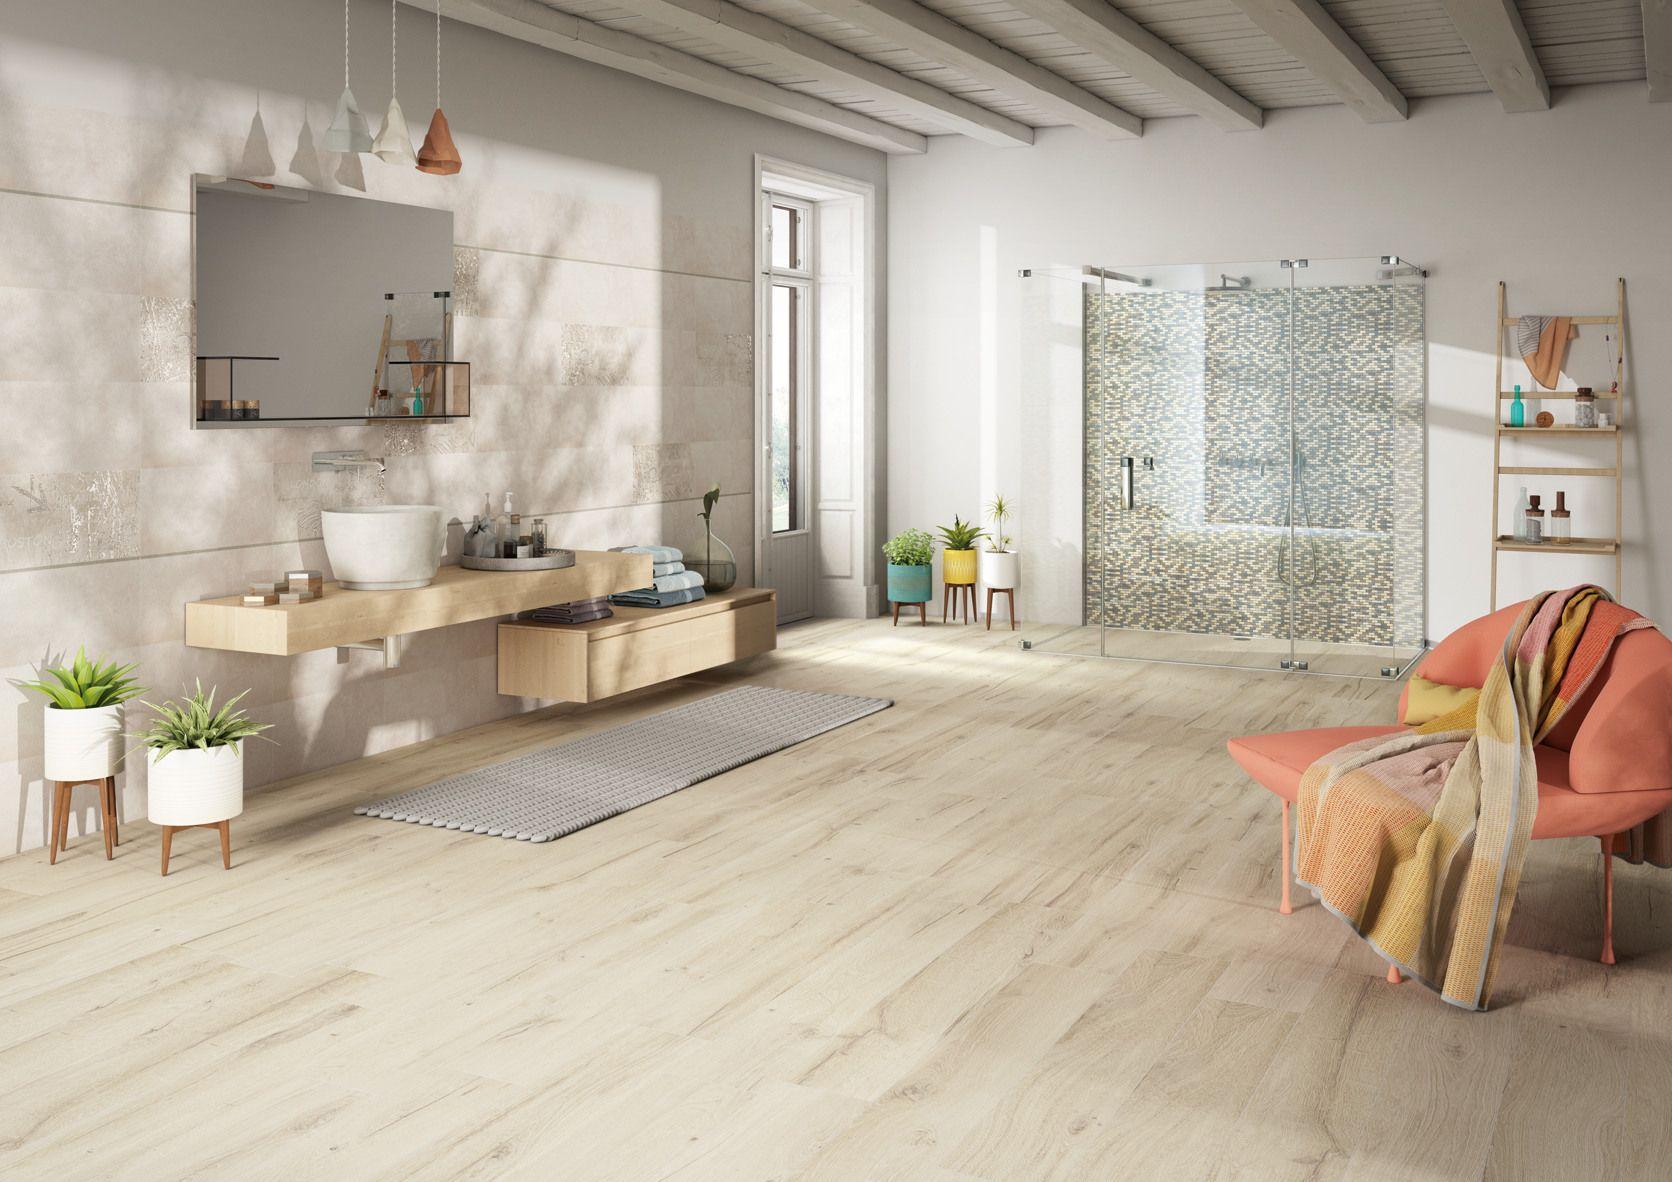 Bagno minimal ~ Bagno nordico con tocchi cromatici e un pavimento in gres effetto